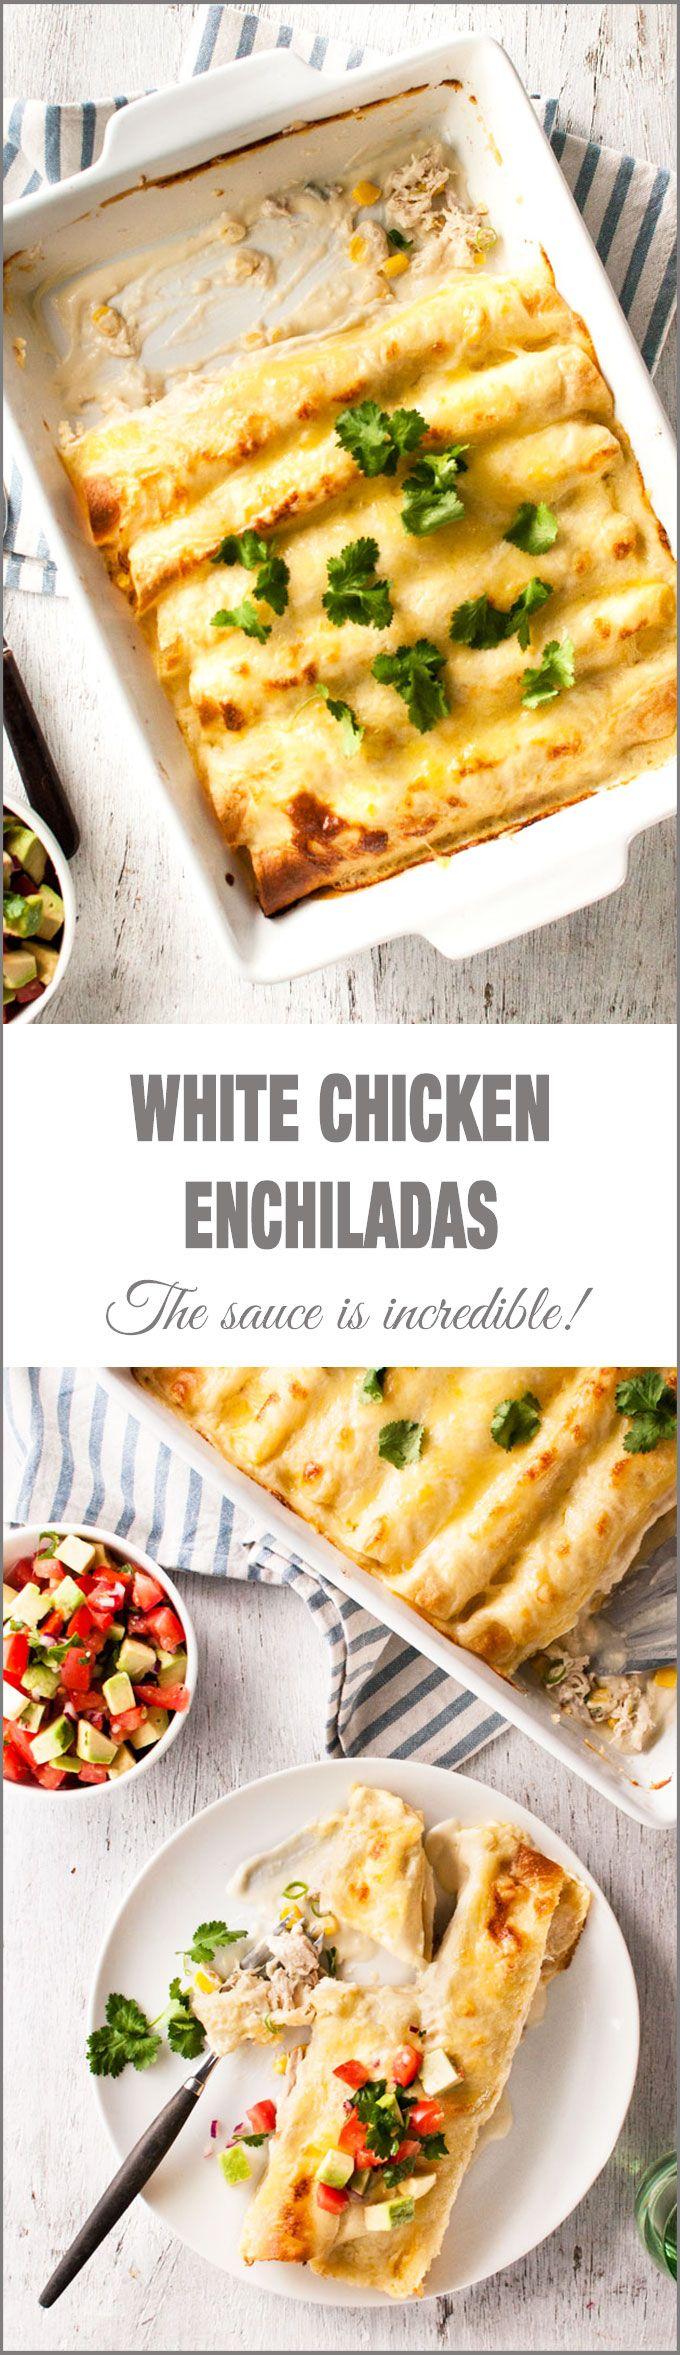 Cheesy white chicken enchiladas that aren't too rich!